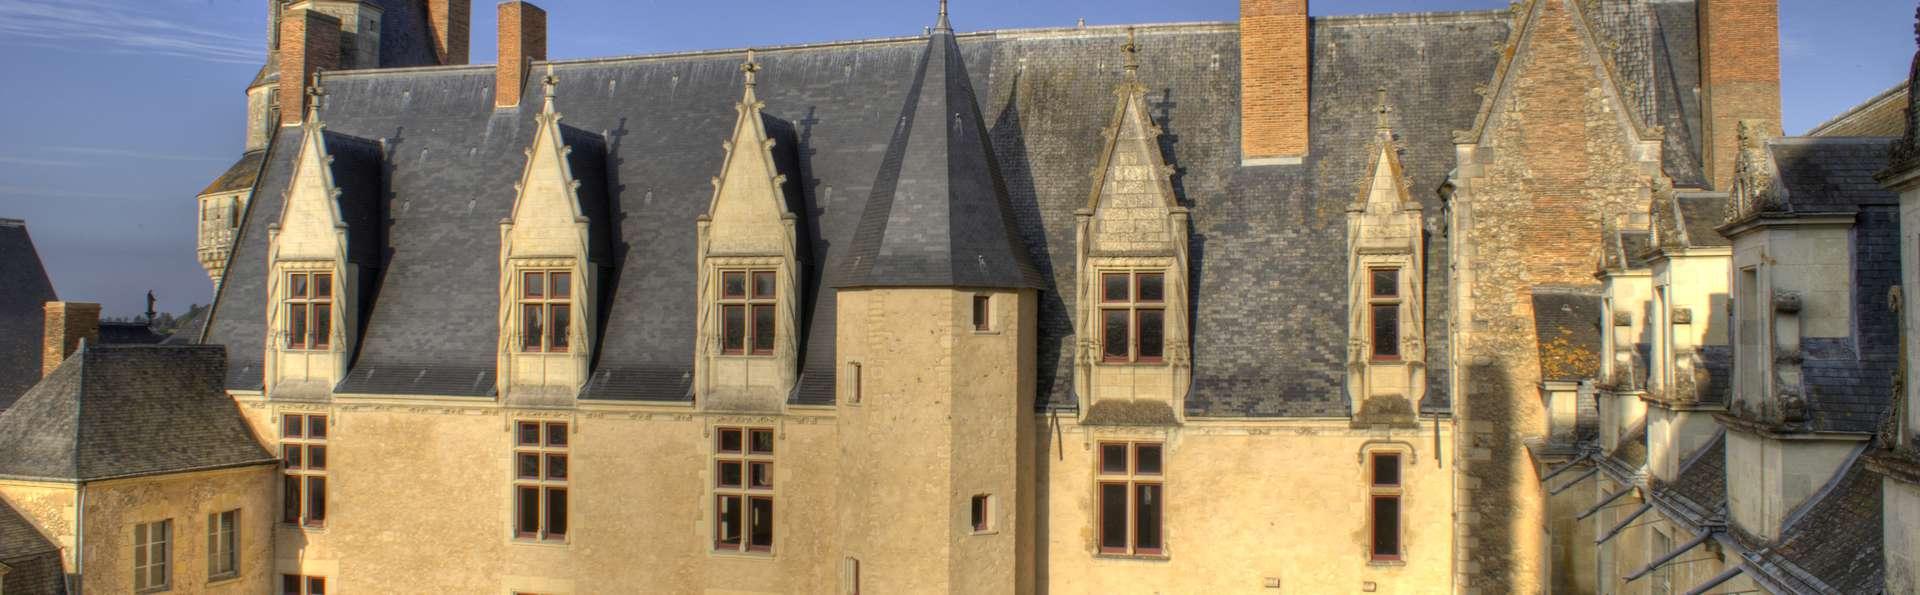 Château de Durtal - Photo_Cour_interieure_HDR.jpg